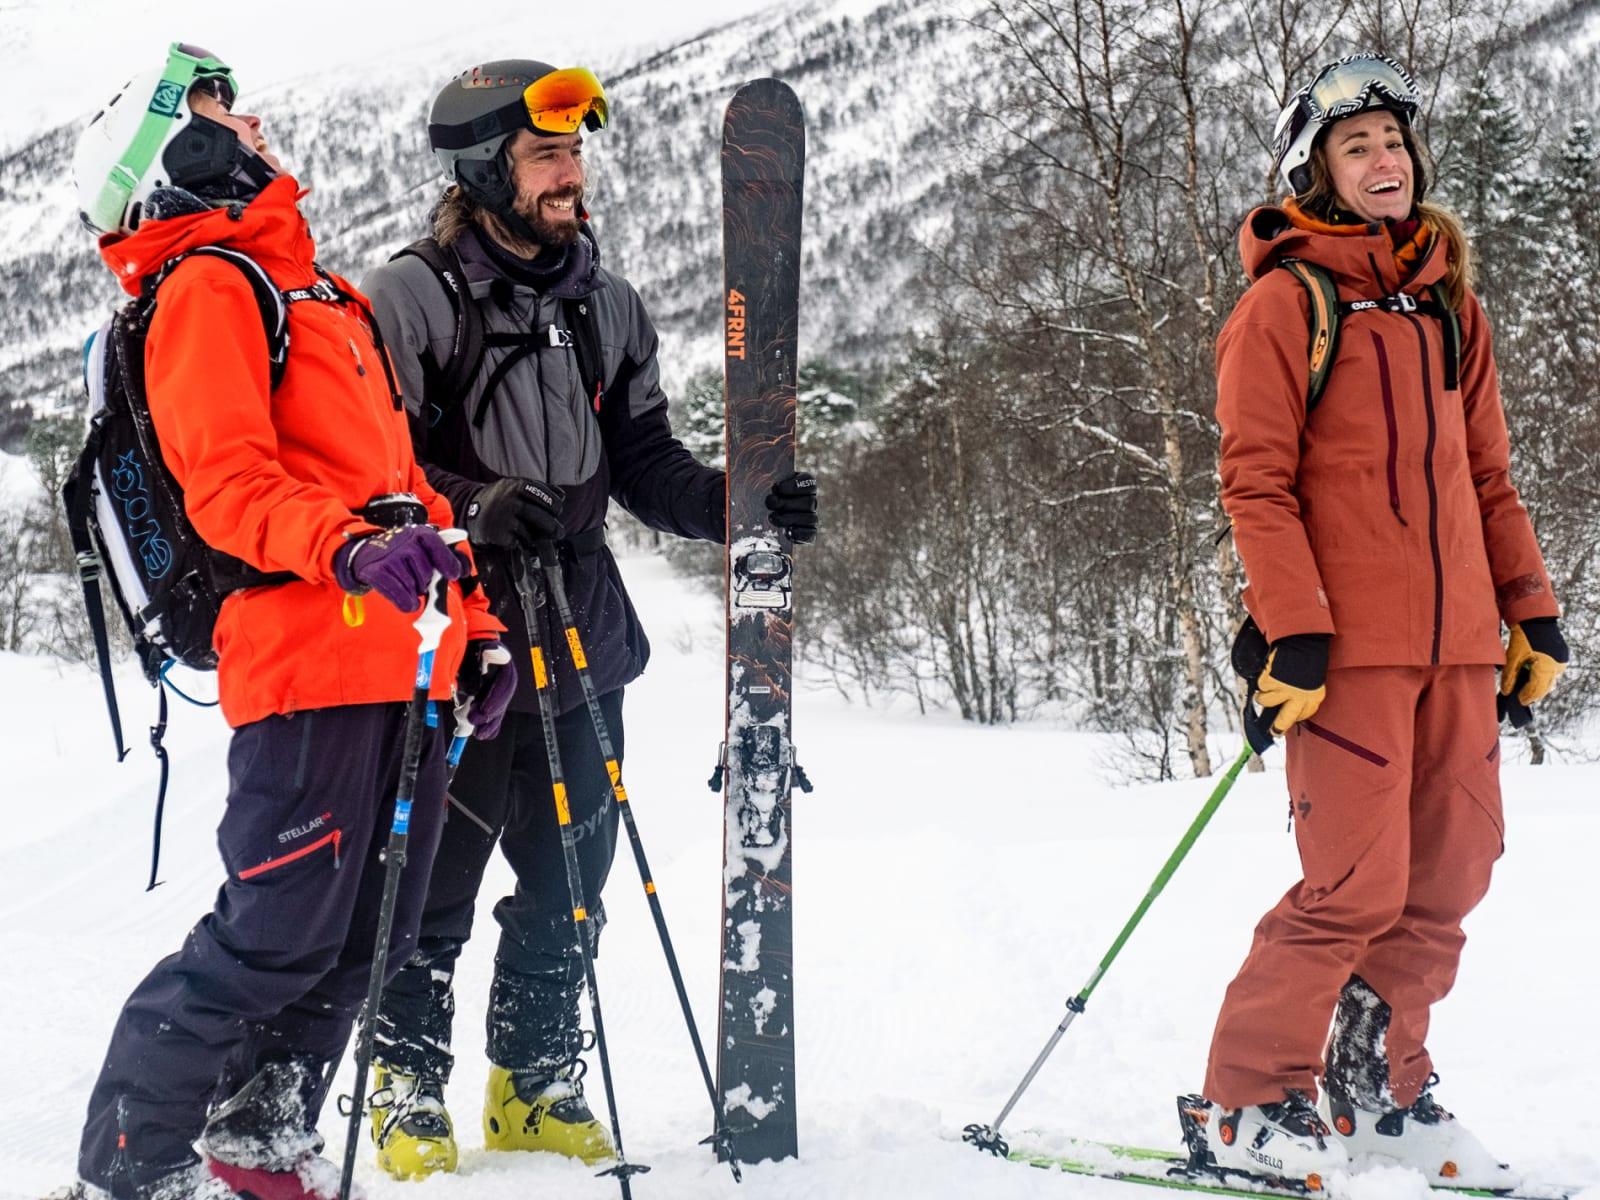 STRANDASØSTRE: Eirik Finseth fant førsteklasses snø på Strandafjellet med søstrene Kristina og Anne May (Slinning). Bilde: Bård Gundersen